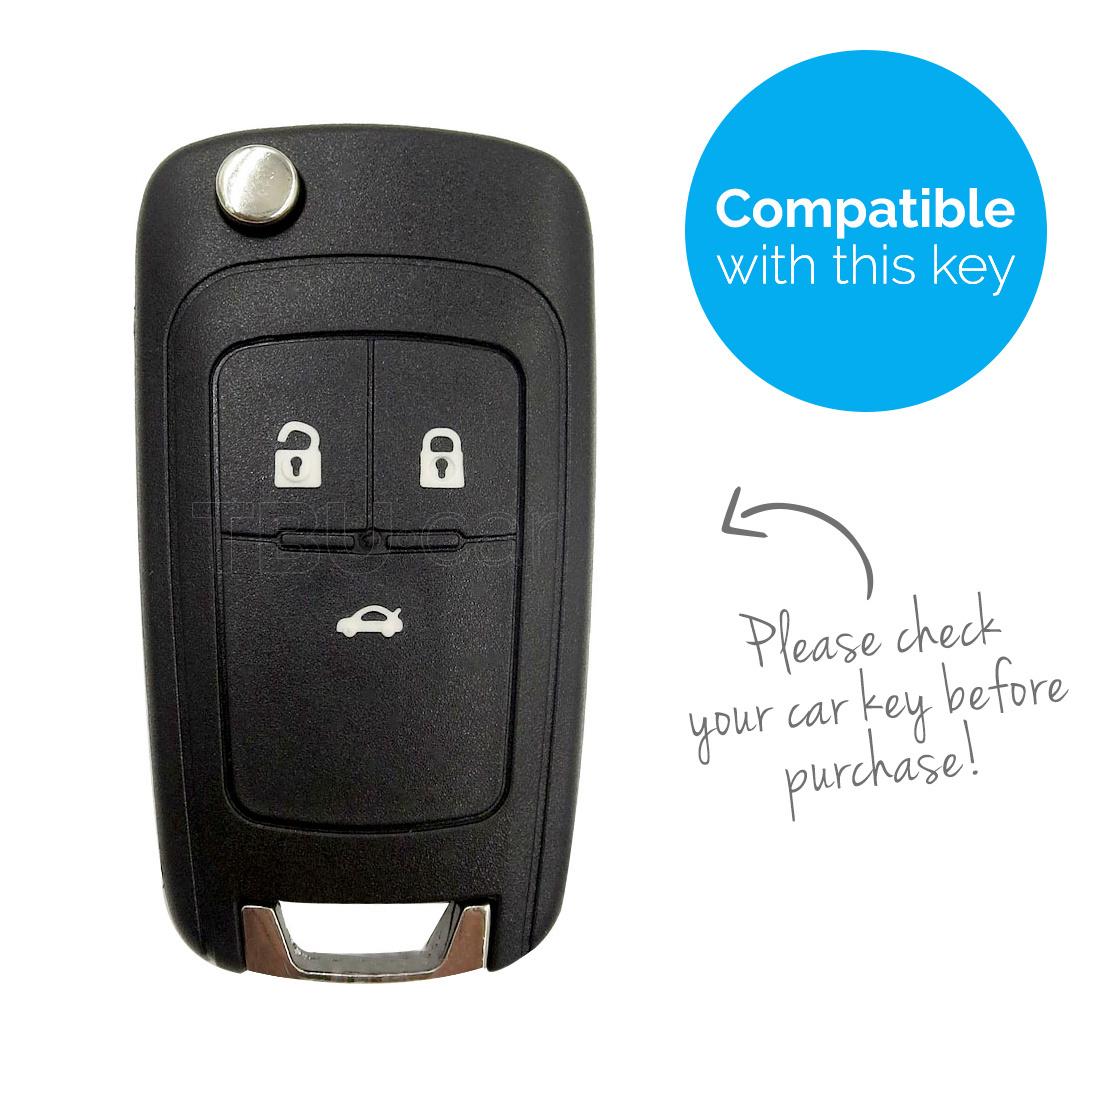 TBU car Autoschlüssel Hülle für Chevrolet 3 Tasten - Schutzhülle aus Silikon - Auto Schlüsselhülle Cover in Weiß